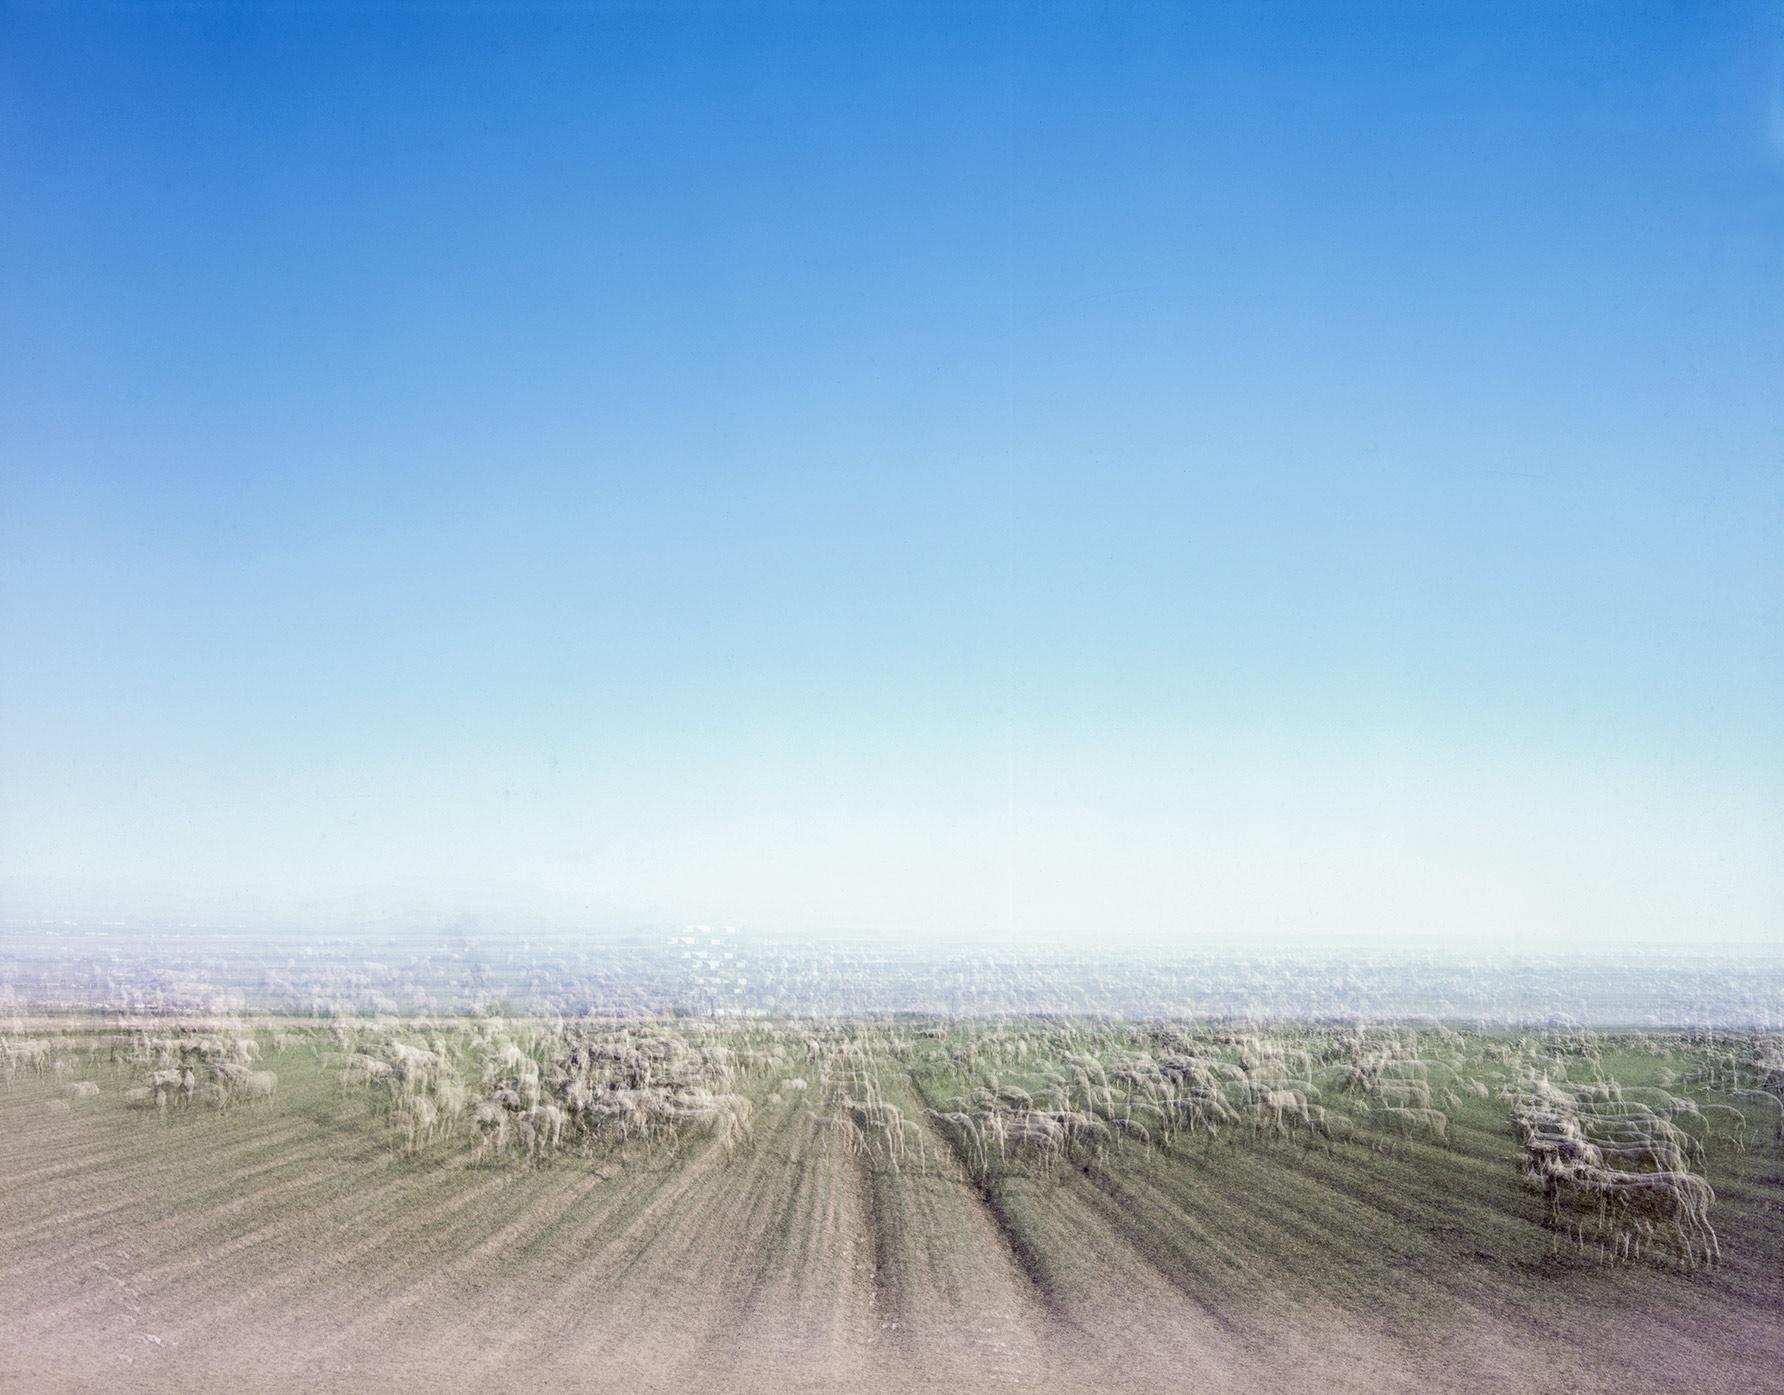 Sheep In Open Field